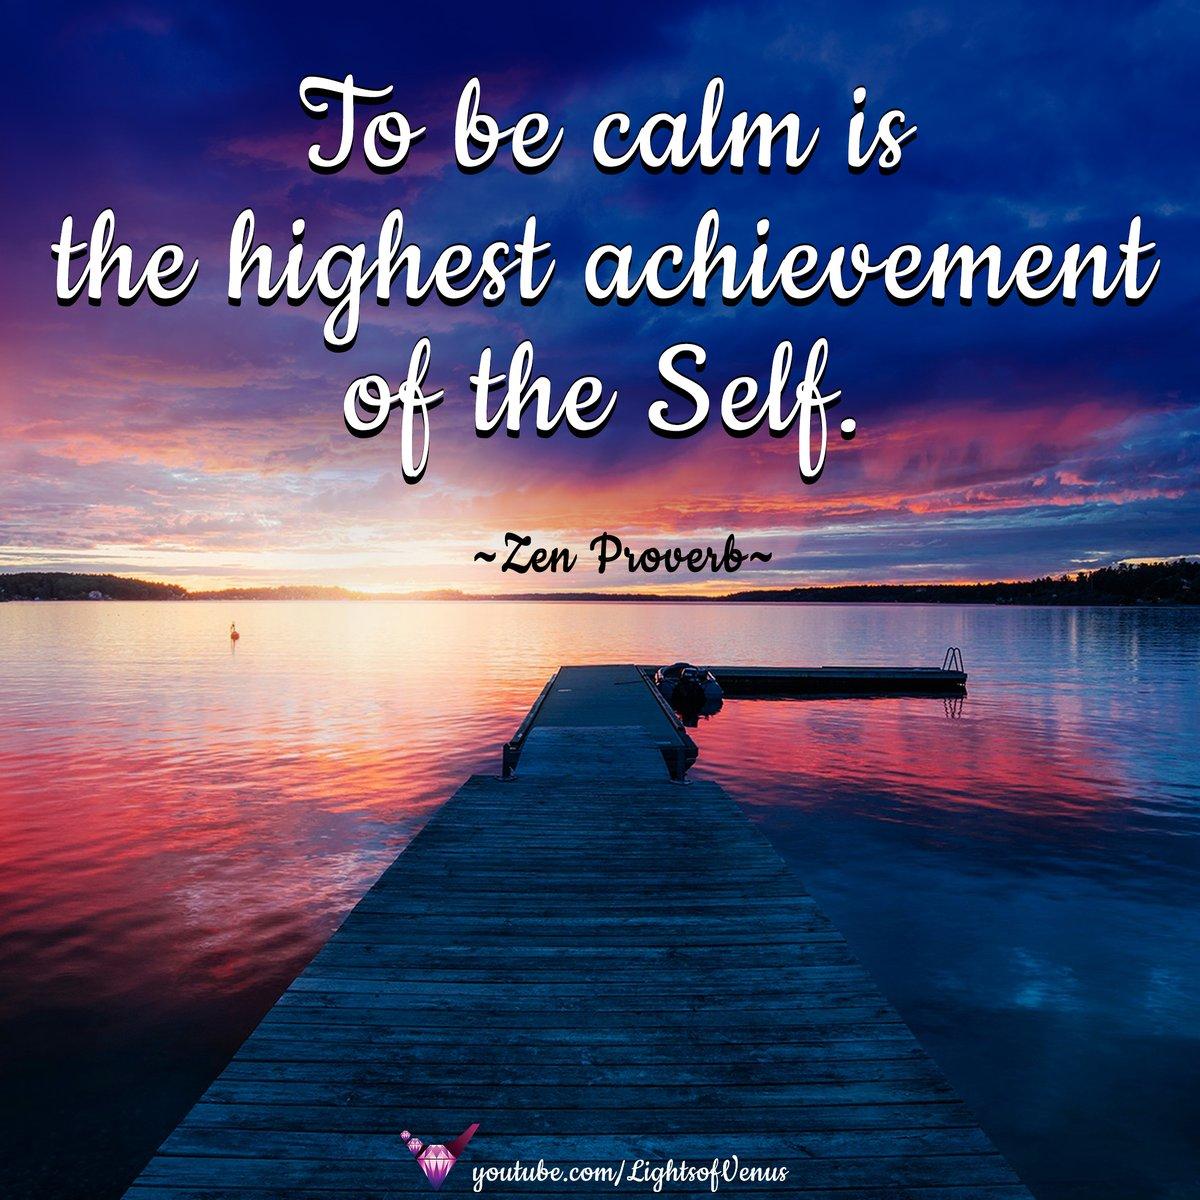 ღ To be calm is the highest achievement of the Self. ღ ~ Zen Proverb   #JoyTrain #spiritual #wisdom #Zen #calmness pic.twitter.com/KfkoKBAow0